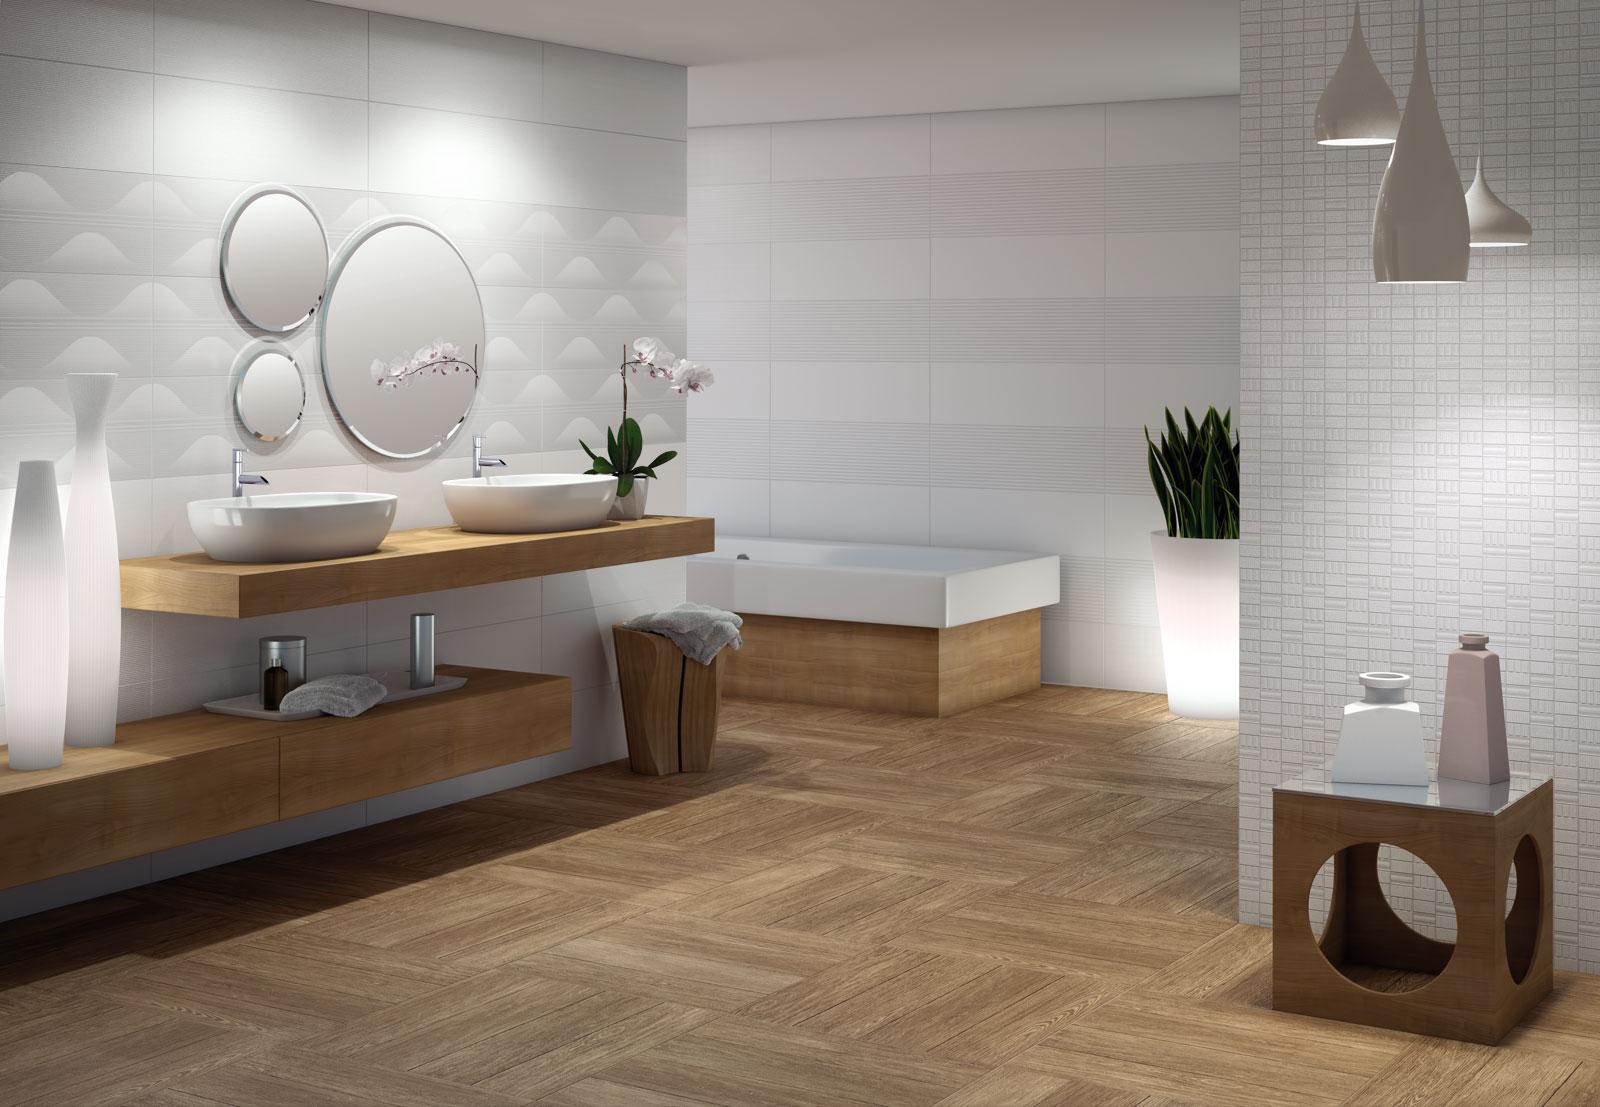 Verano - Ceramica da rivestimento bagno e spa  Marazzi